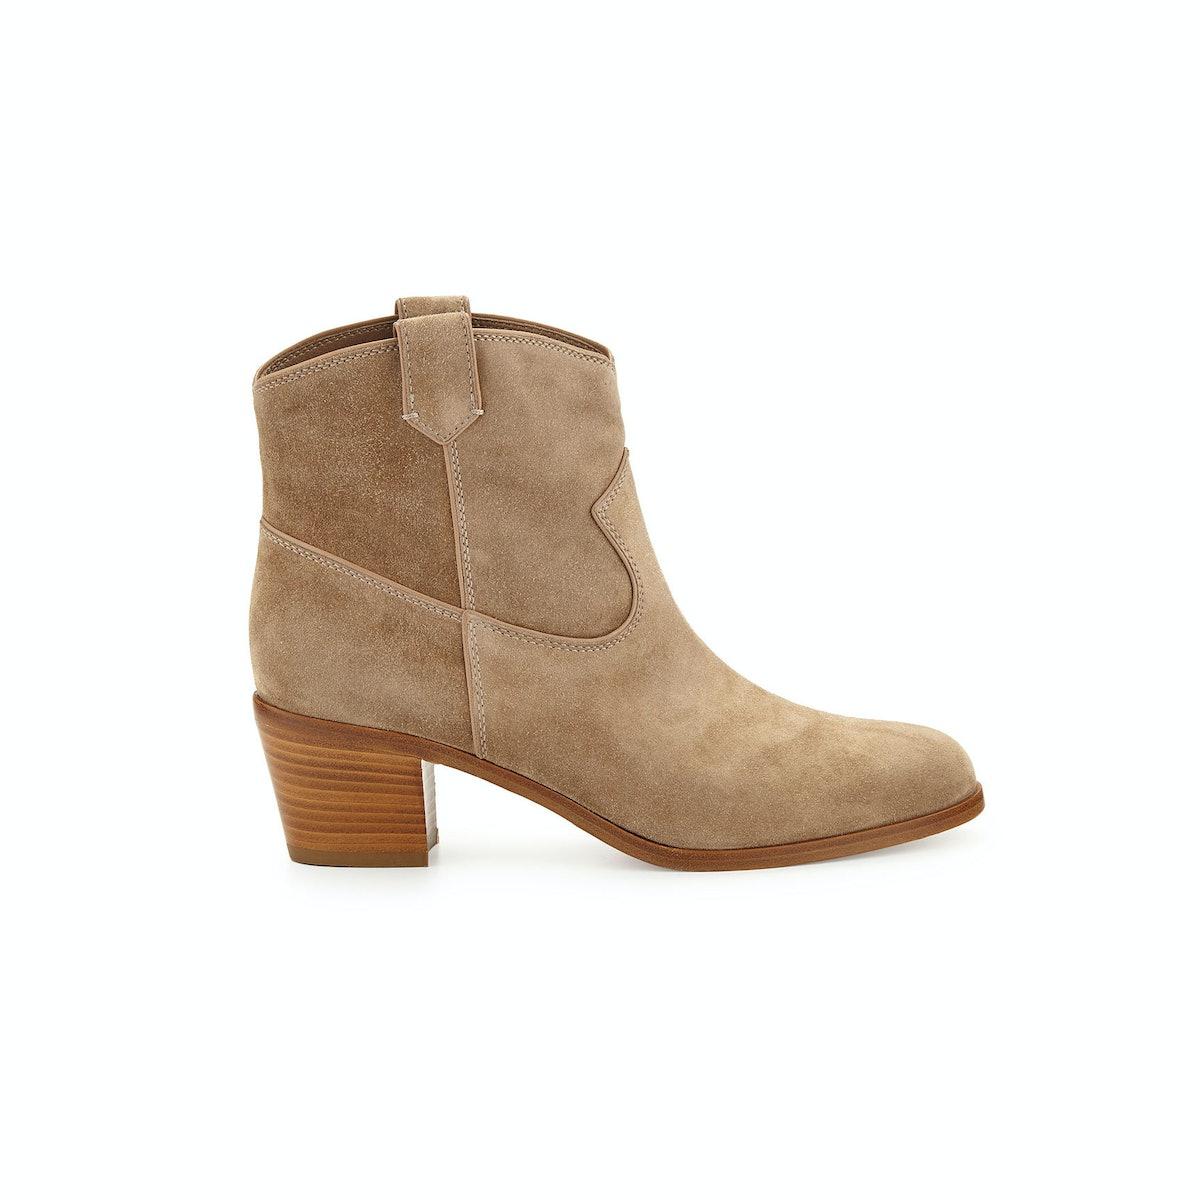 Gianvito Rossi boots, $1,165, neimanmarcus.com